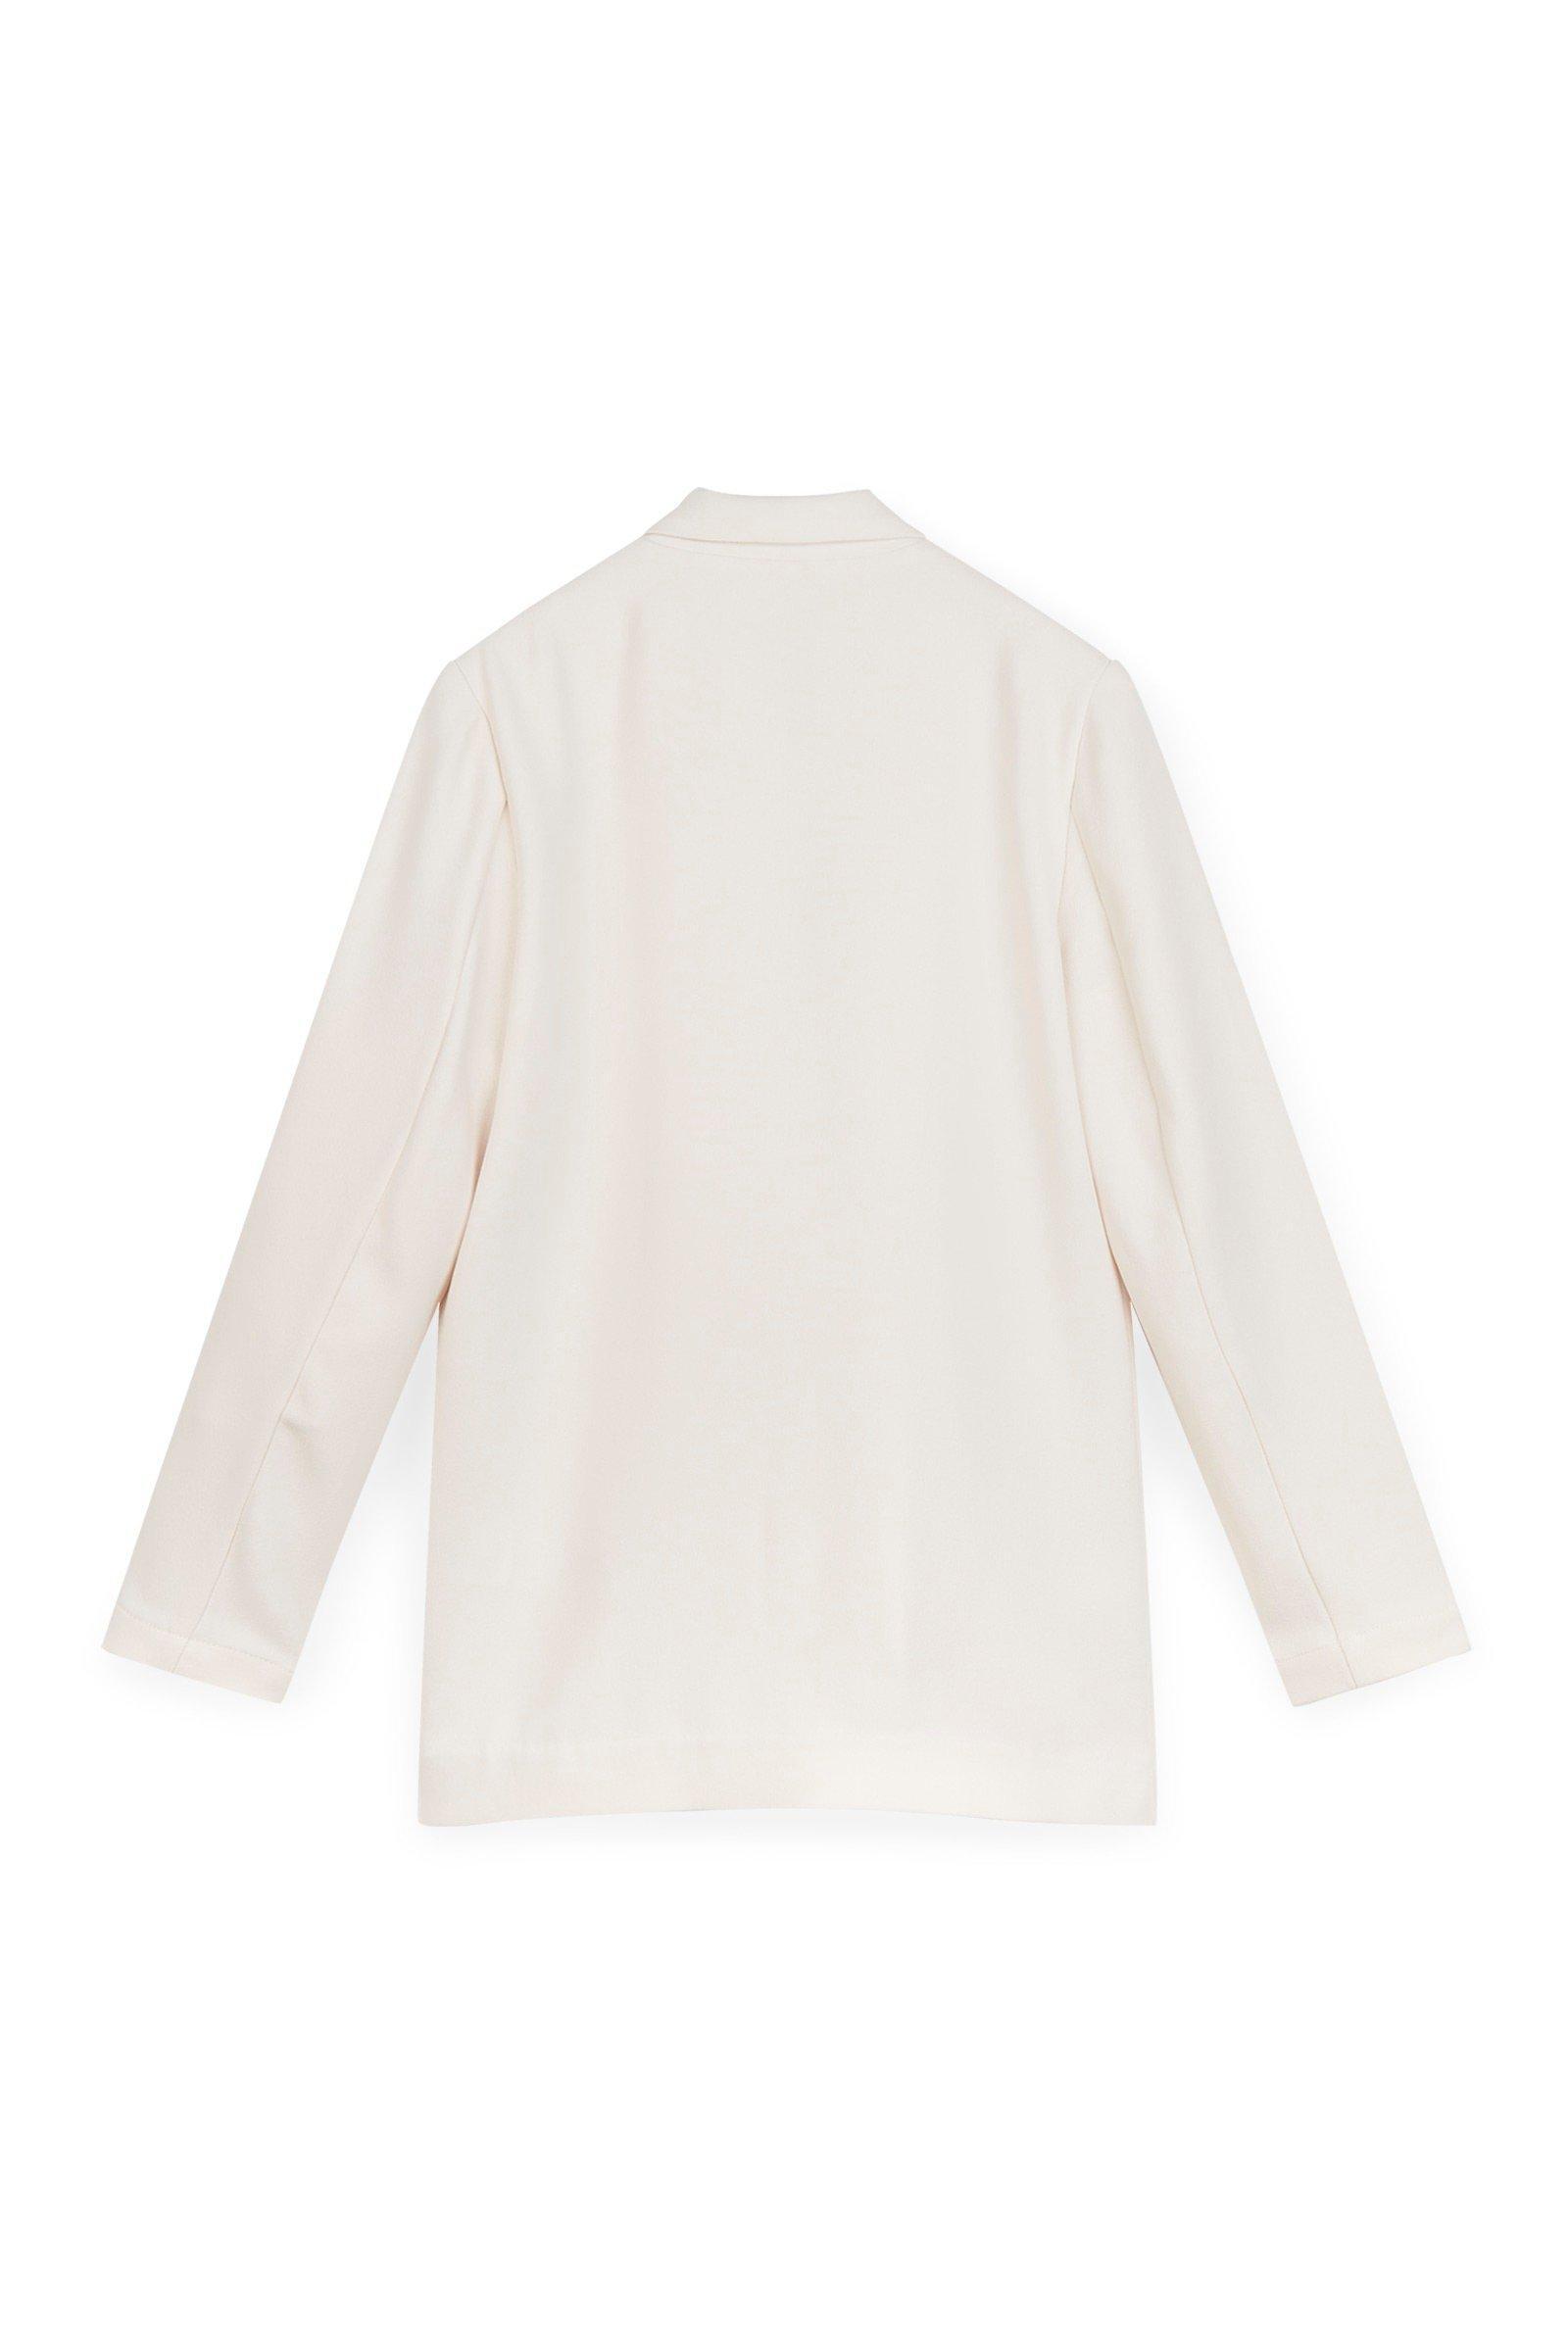 https://webmedia.cks-fashion.com/i/cks/123366ASM_100_h